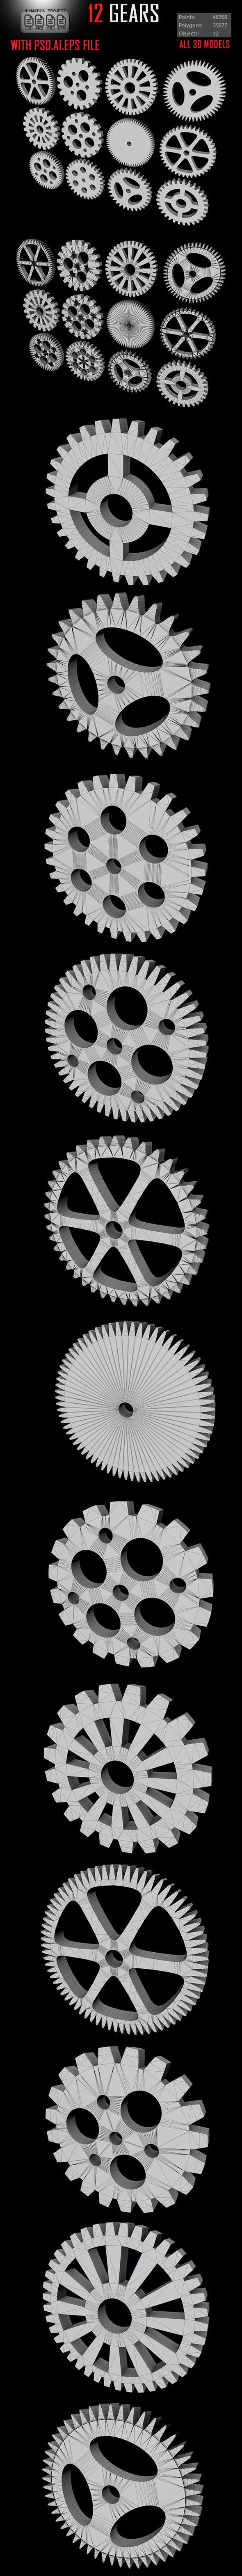 14 Gears 3D Model - 3DOcean Item for Sale